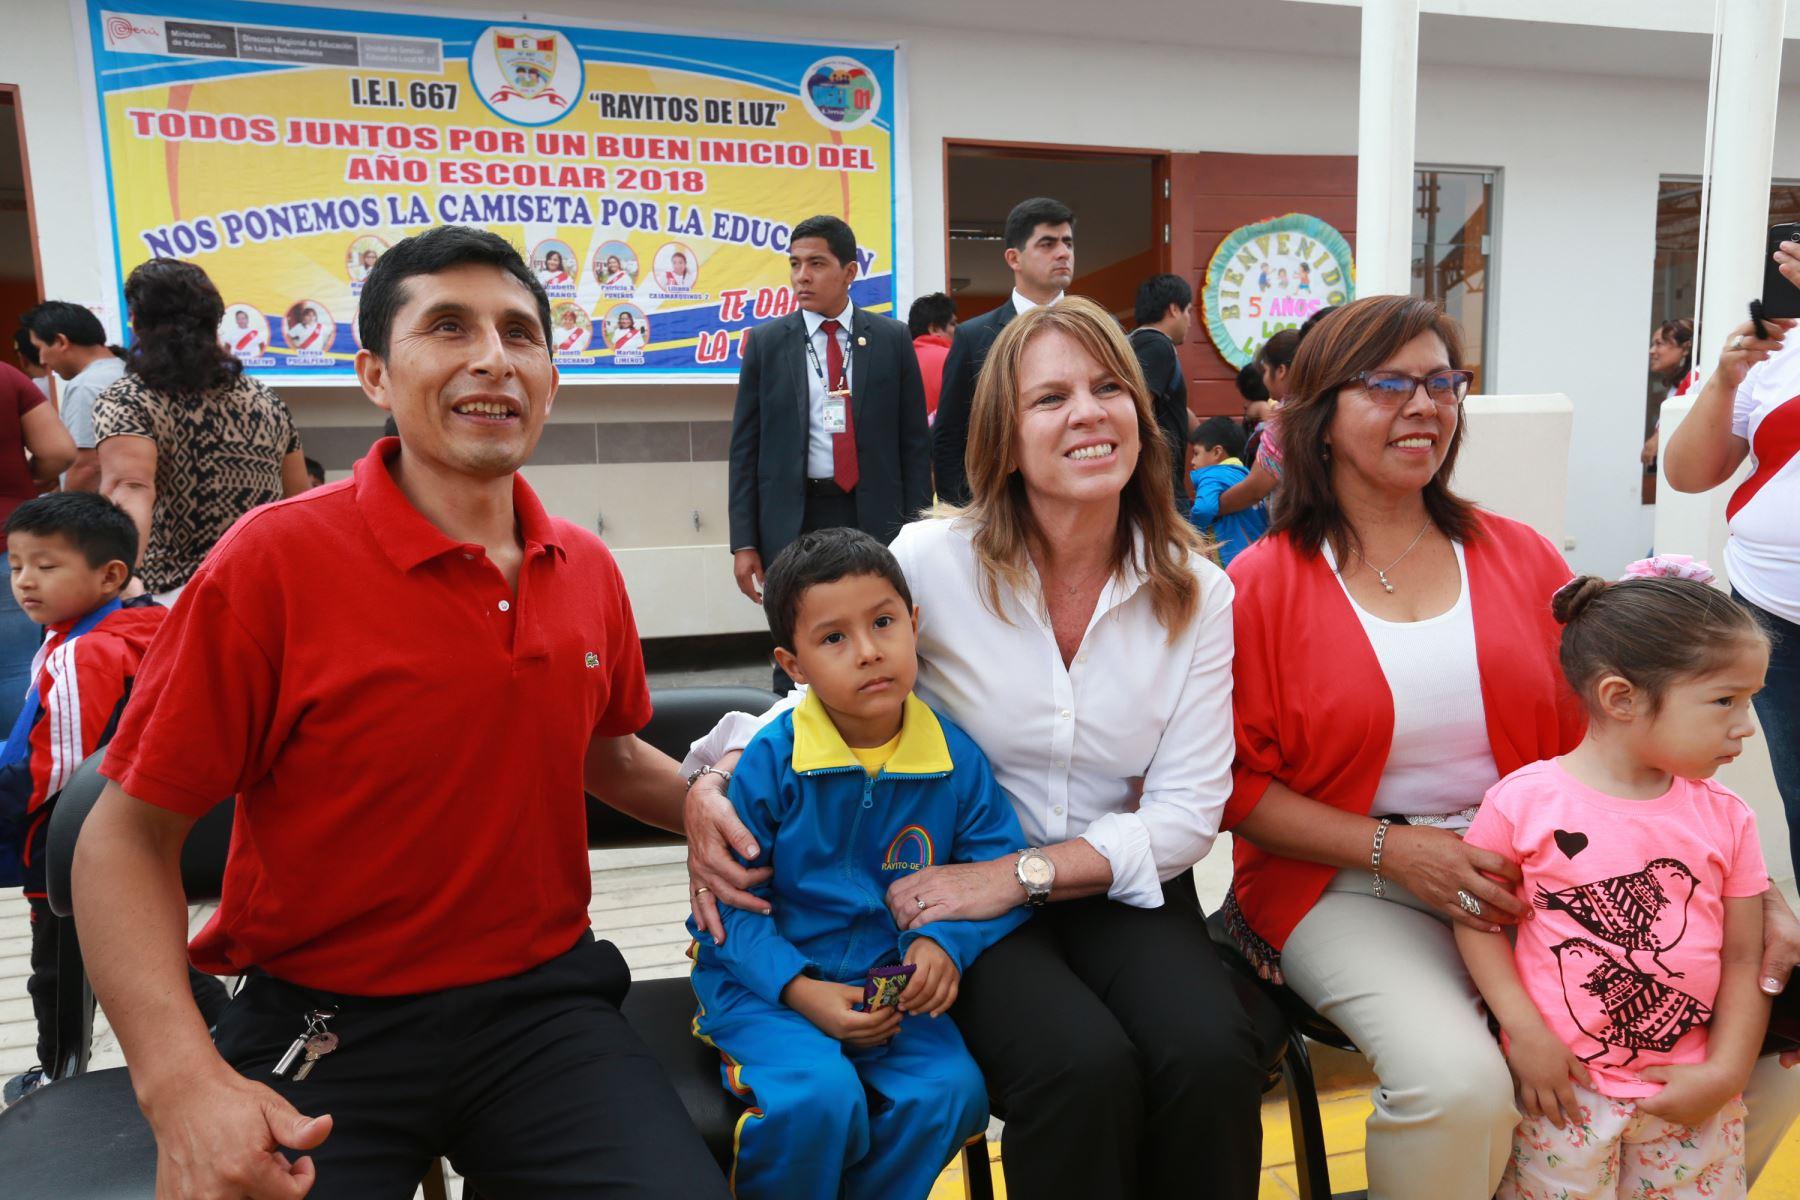 Ministra de Relaciones Exteriores, Cayetana Aljovín acompaña al pequeño Ian en el primer día de clases en su escuela de Pachacámac. Foto: ANDINA/Norman Córdova